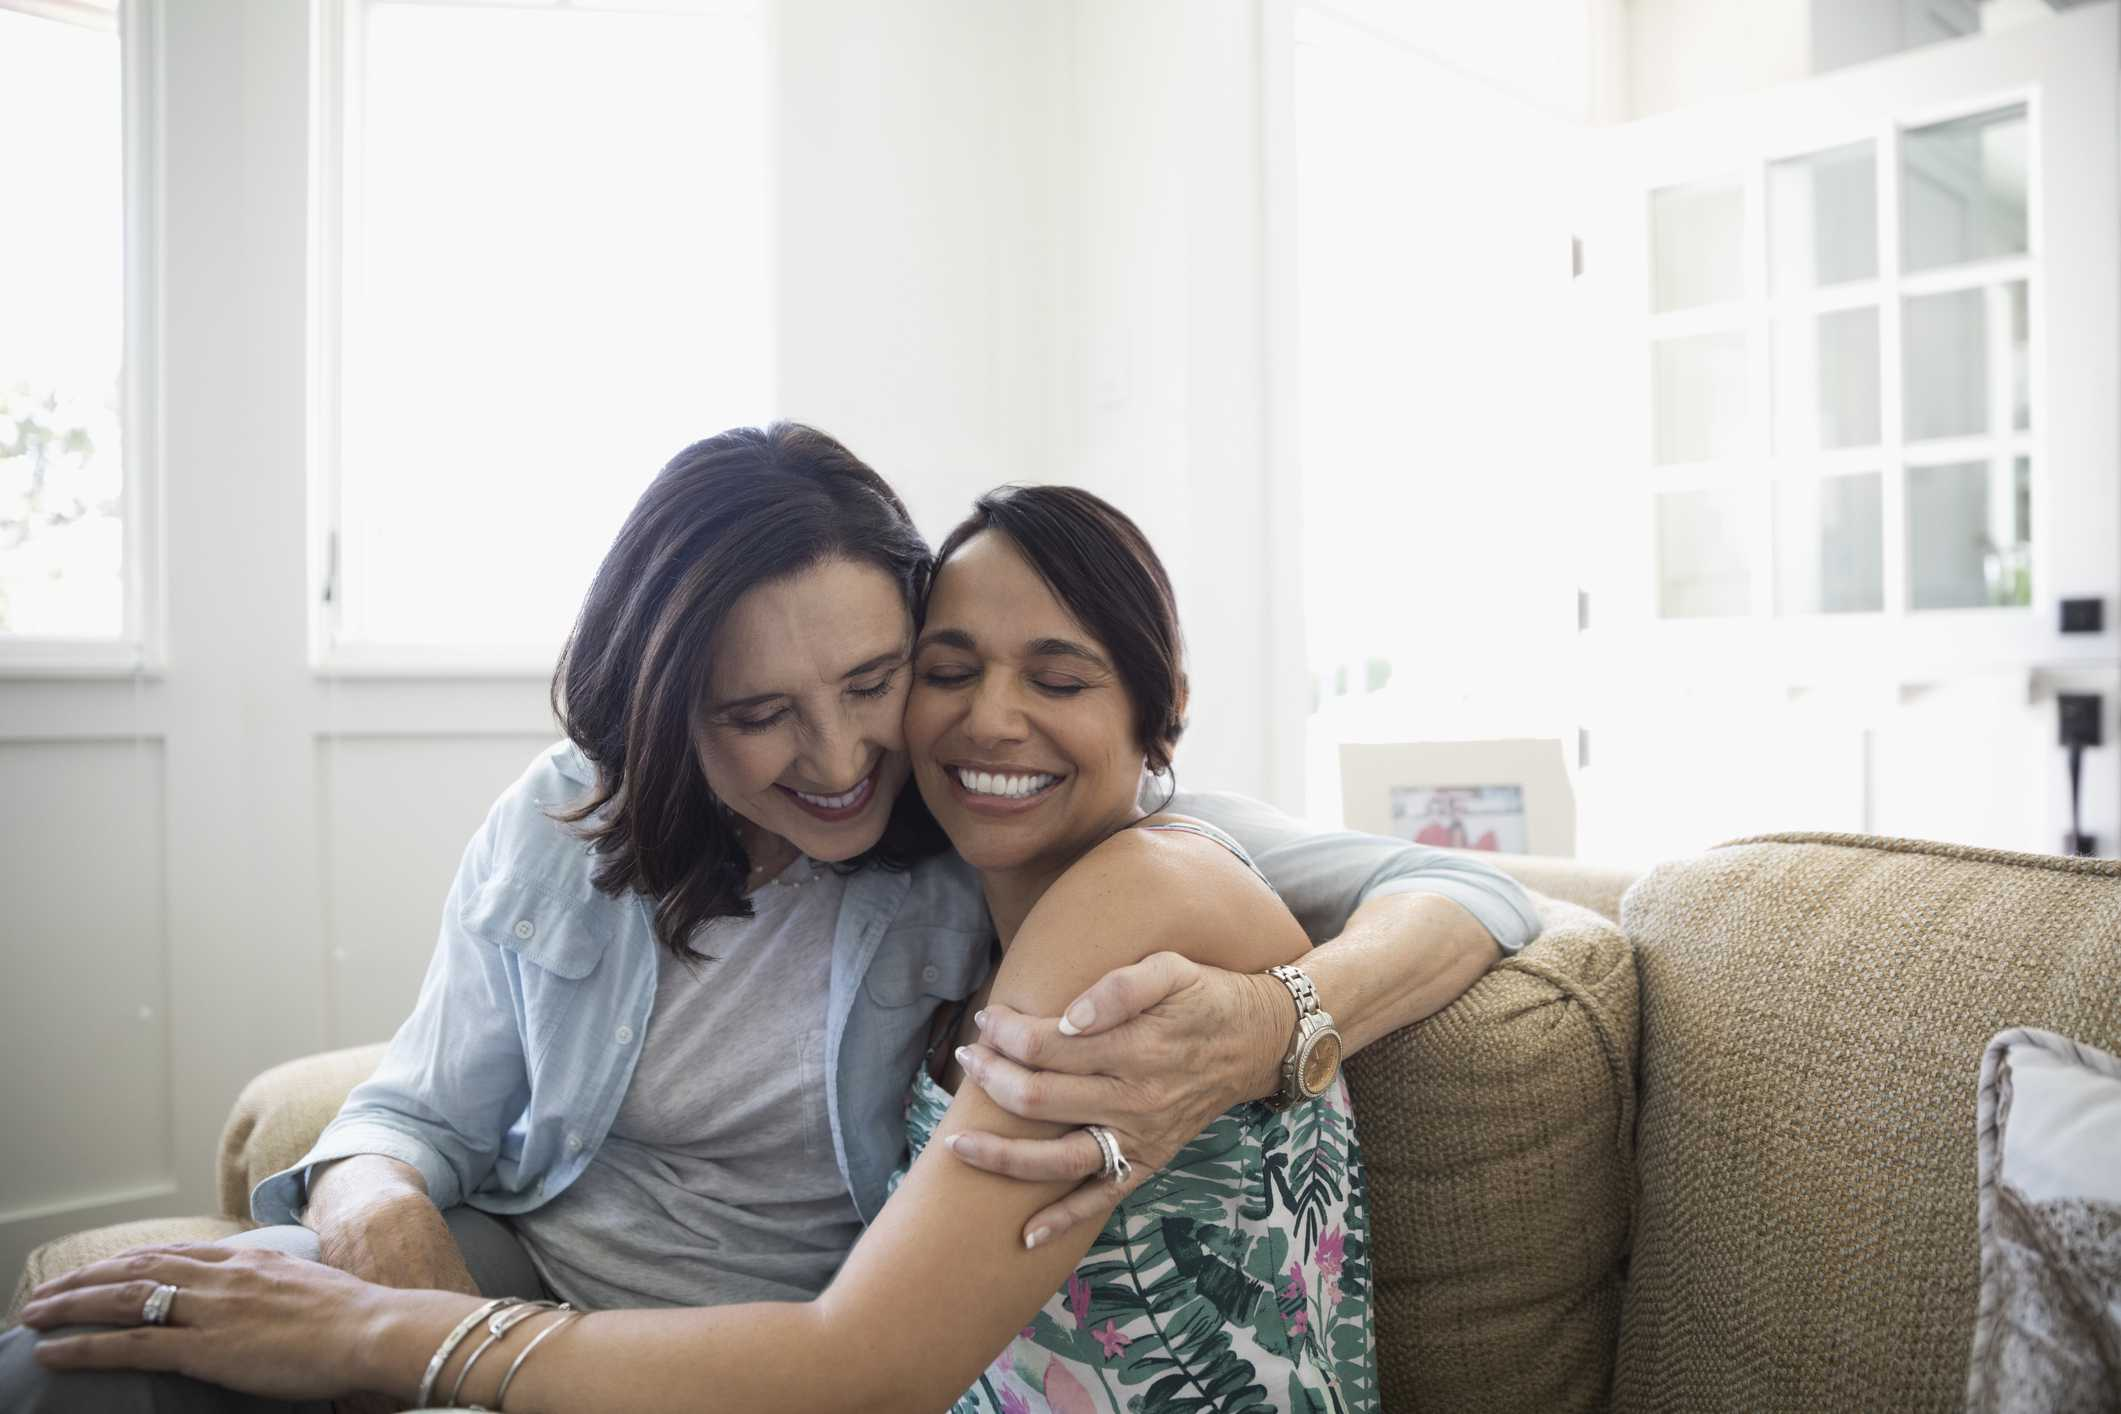 Two women hugging